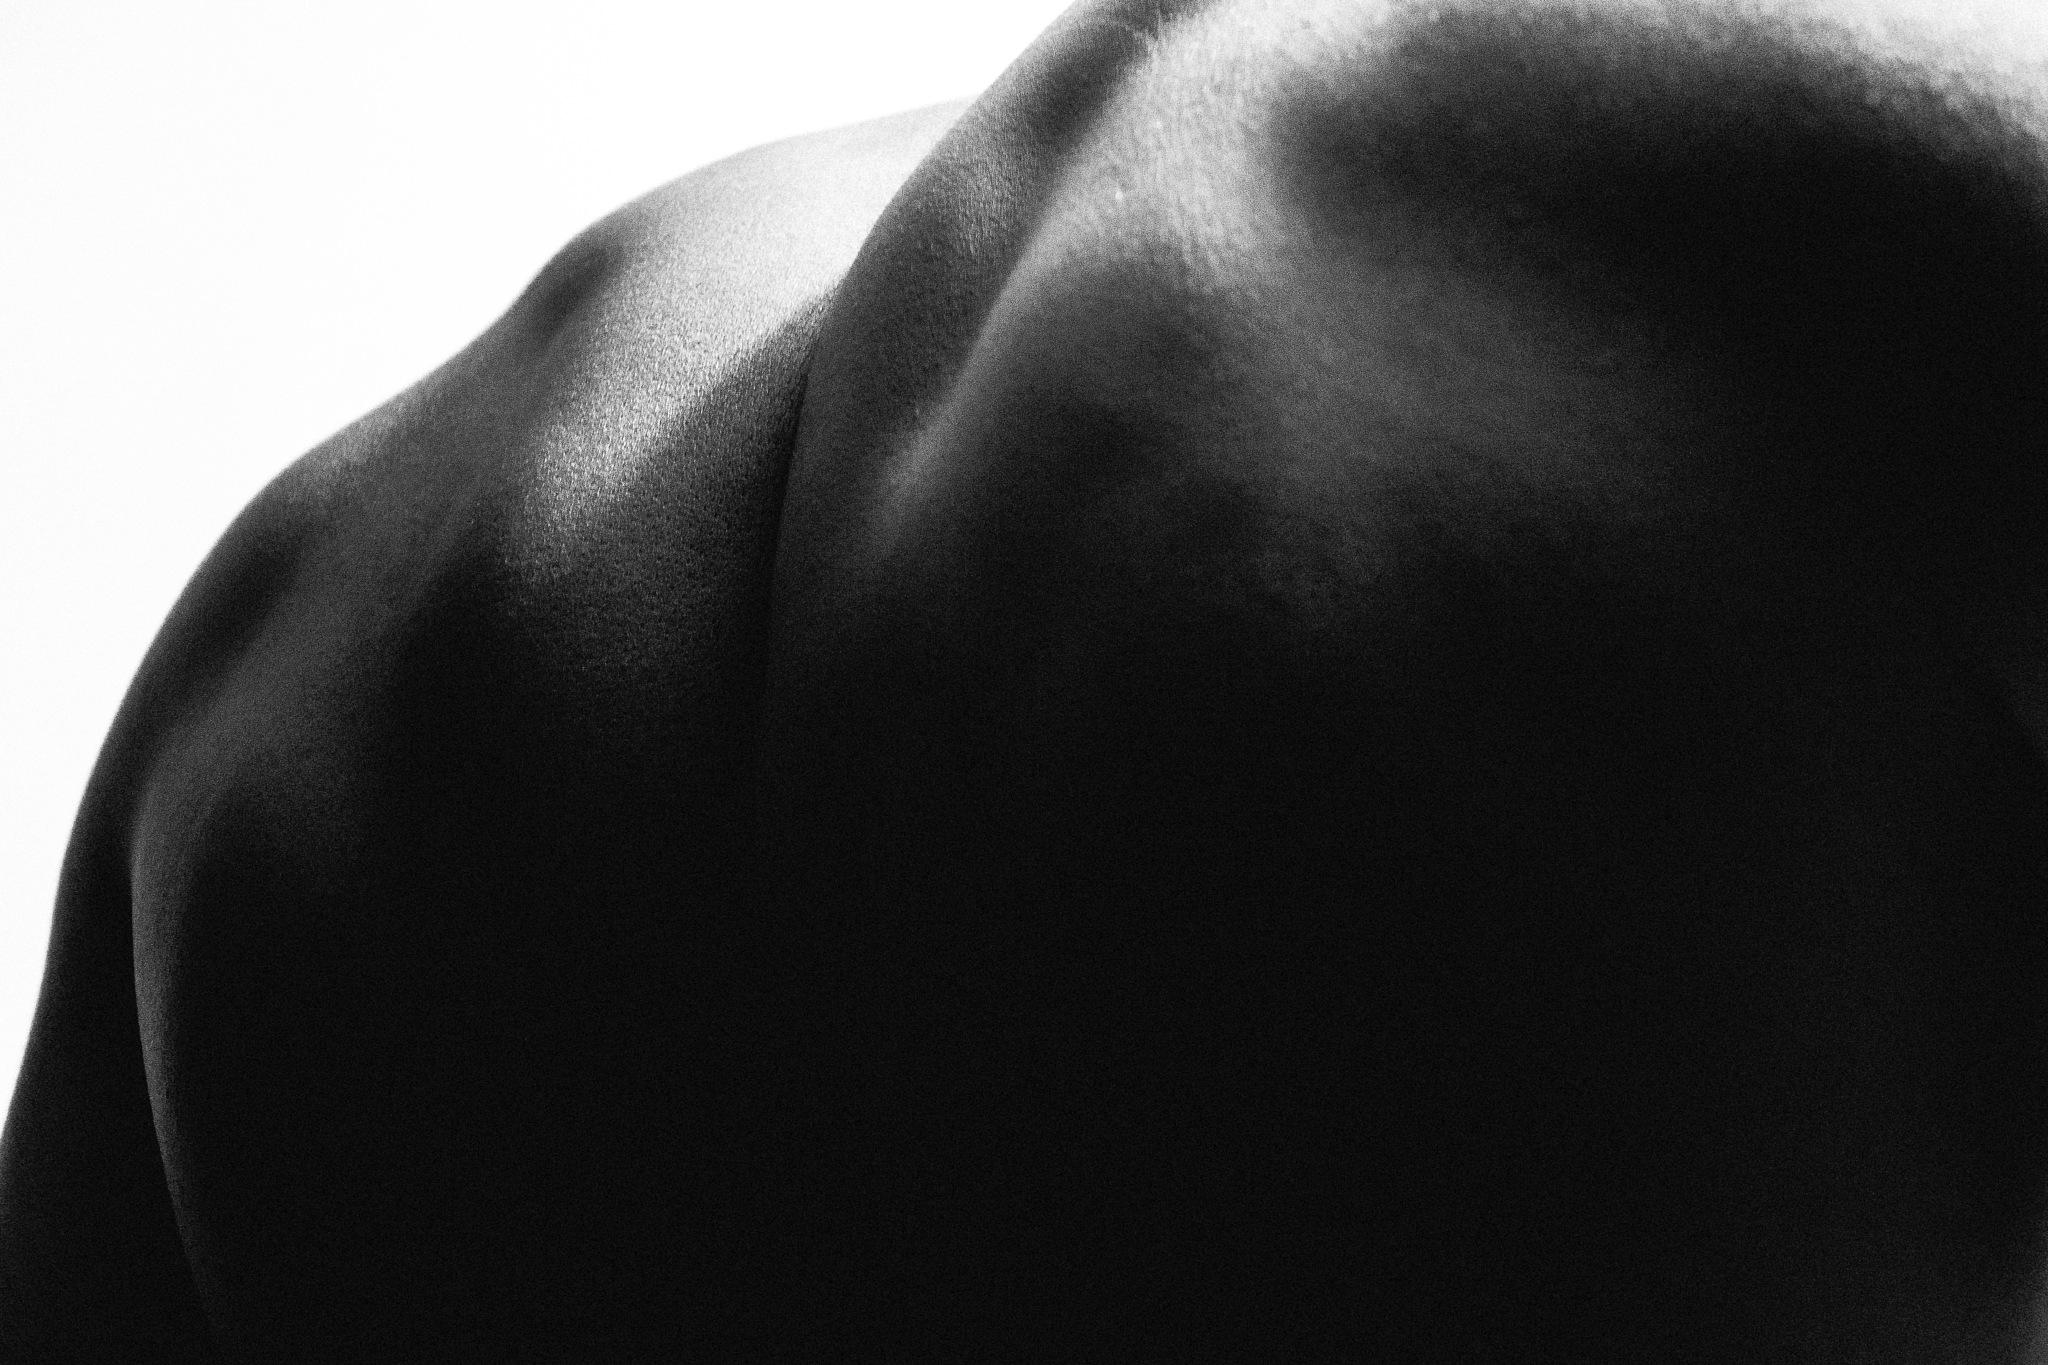 Body 1 by Nicholas Fisher